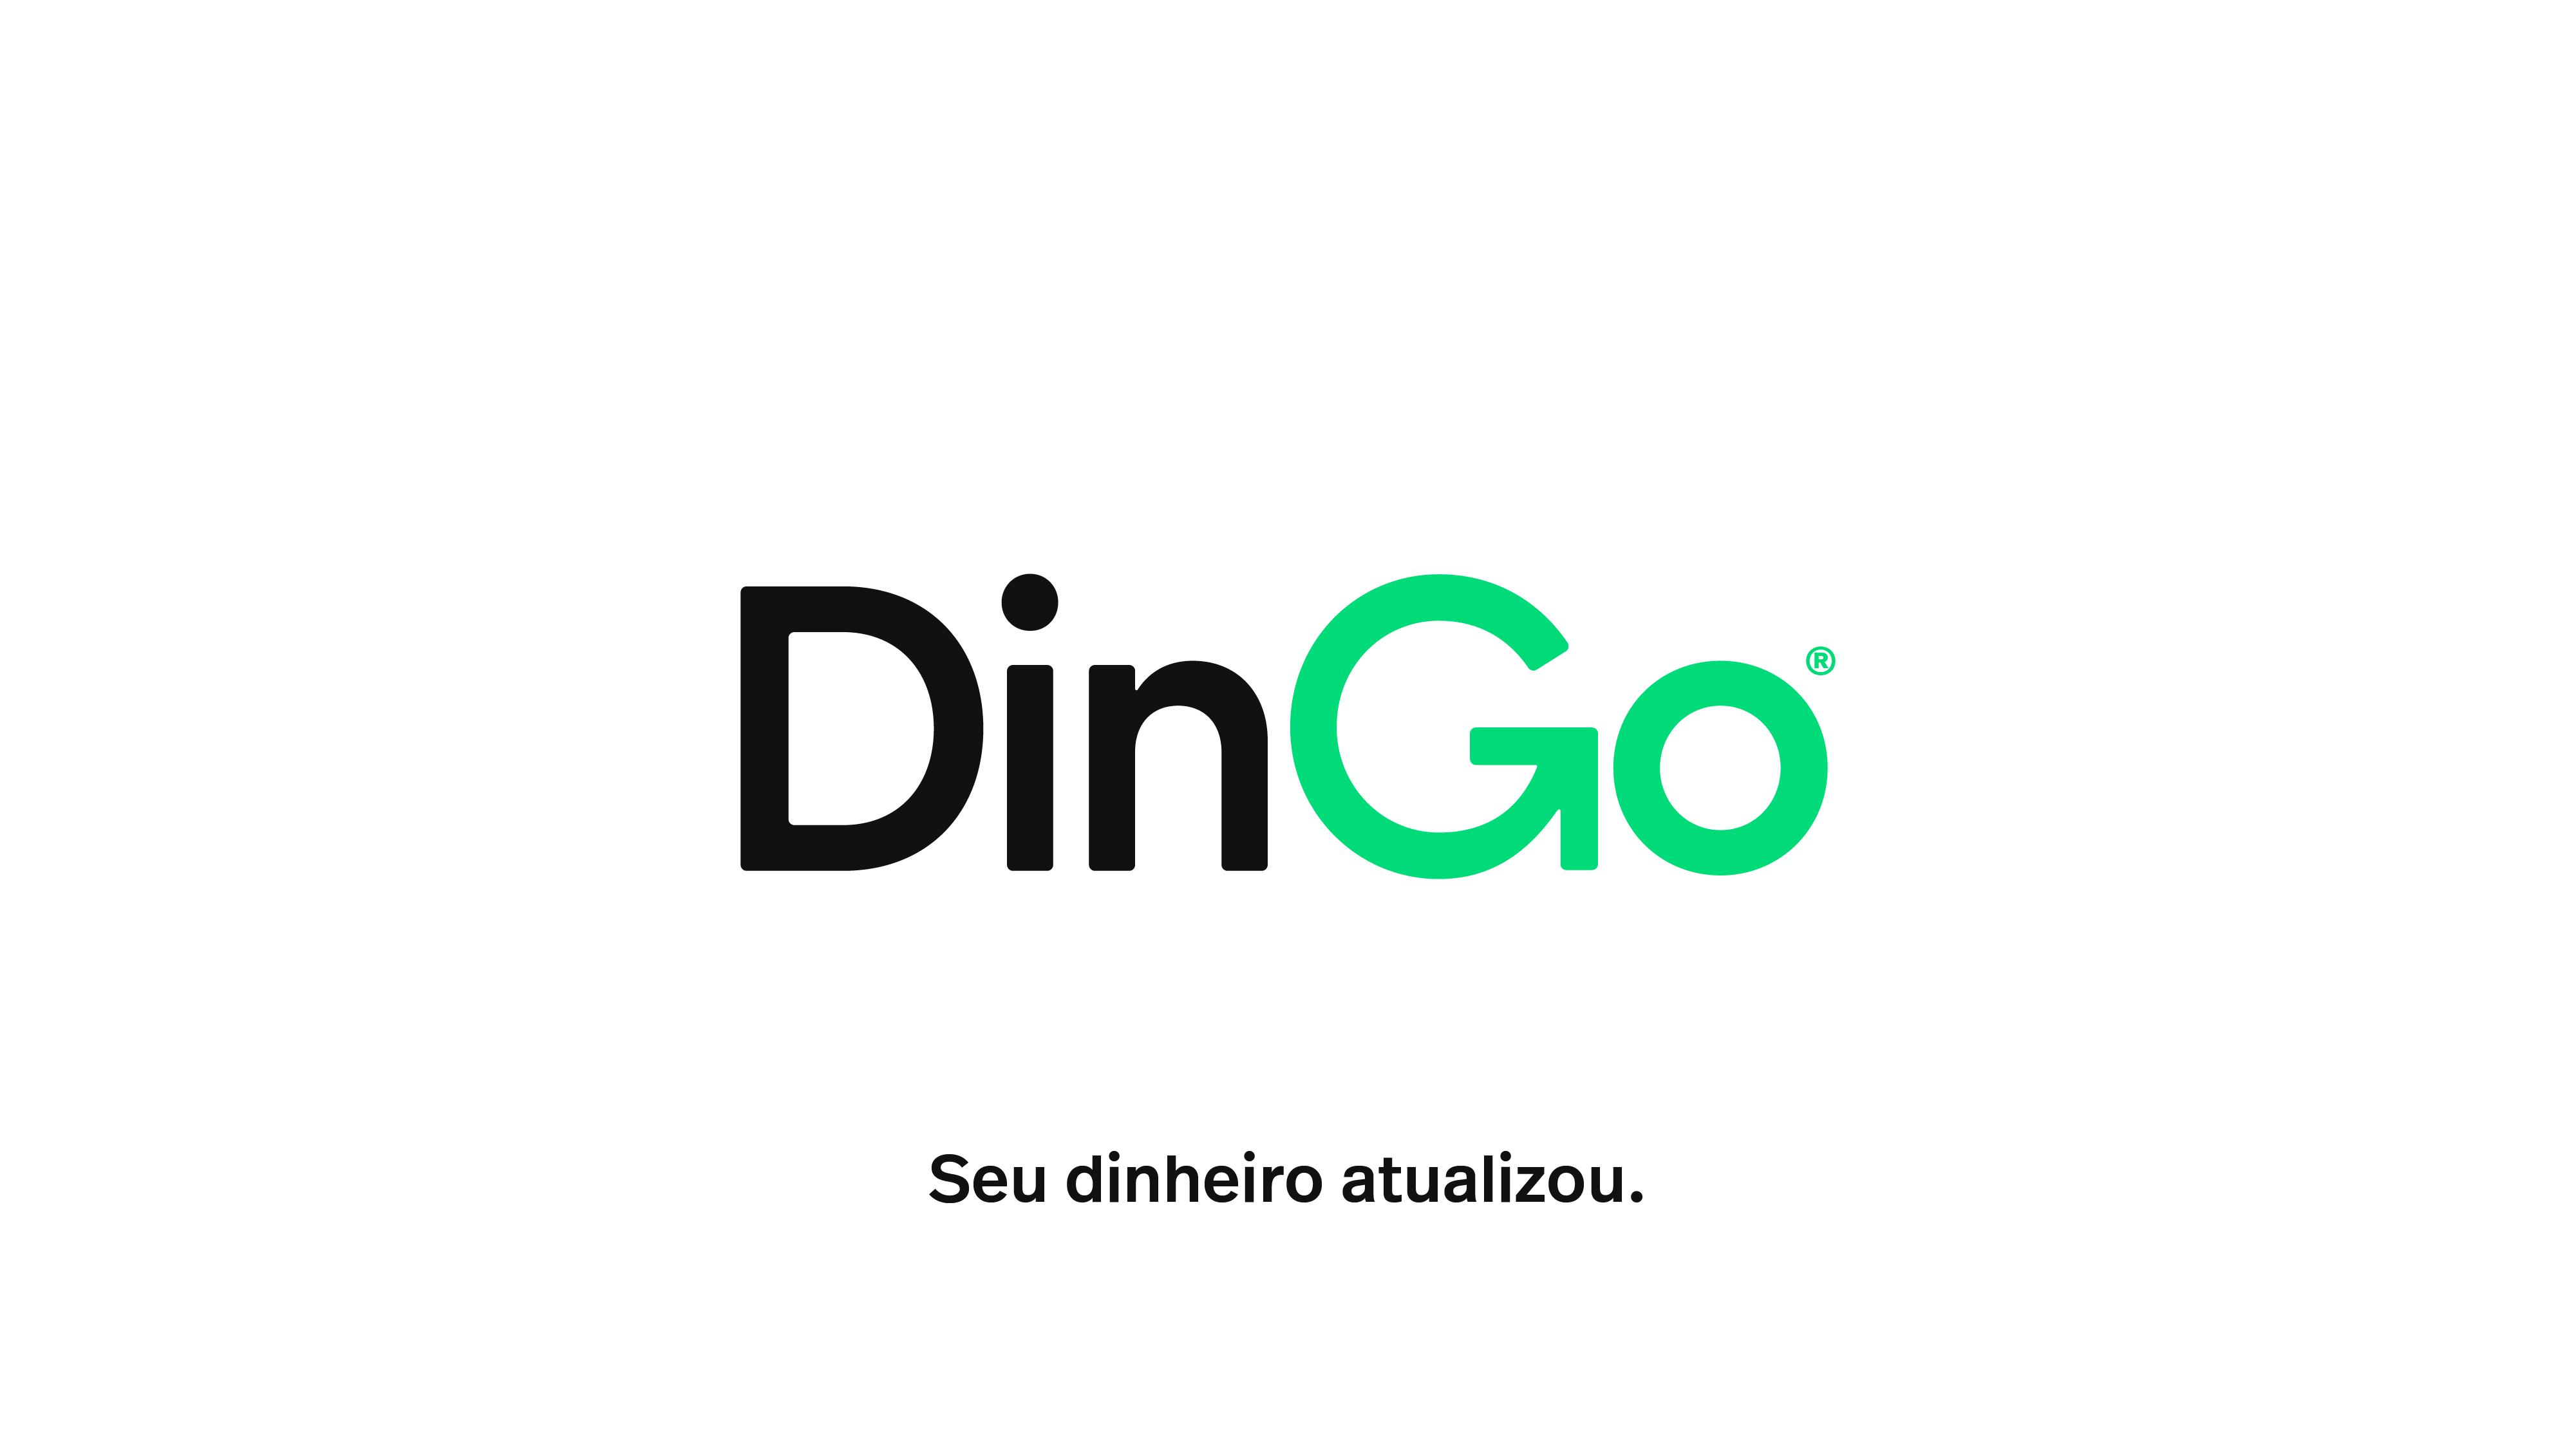 dingo2-11